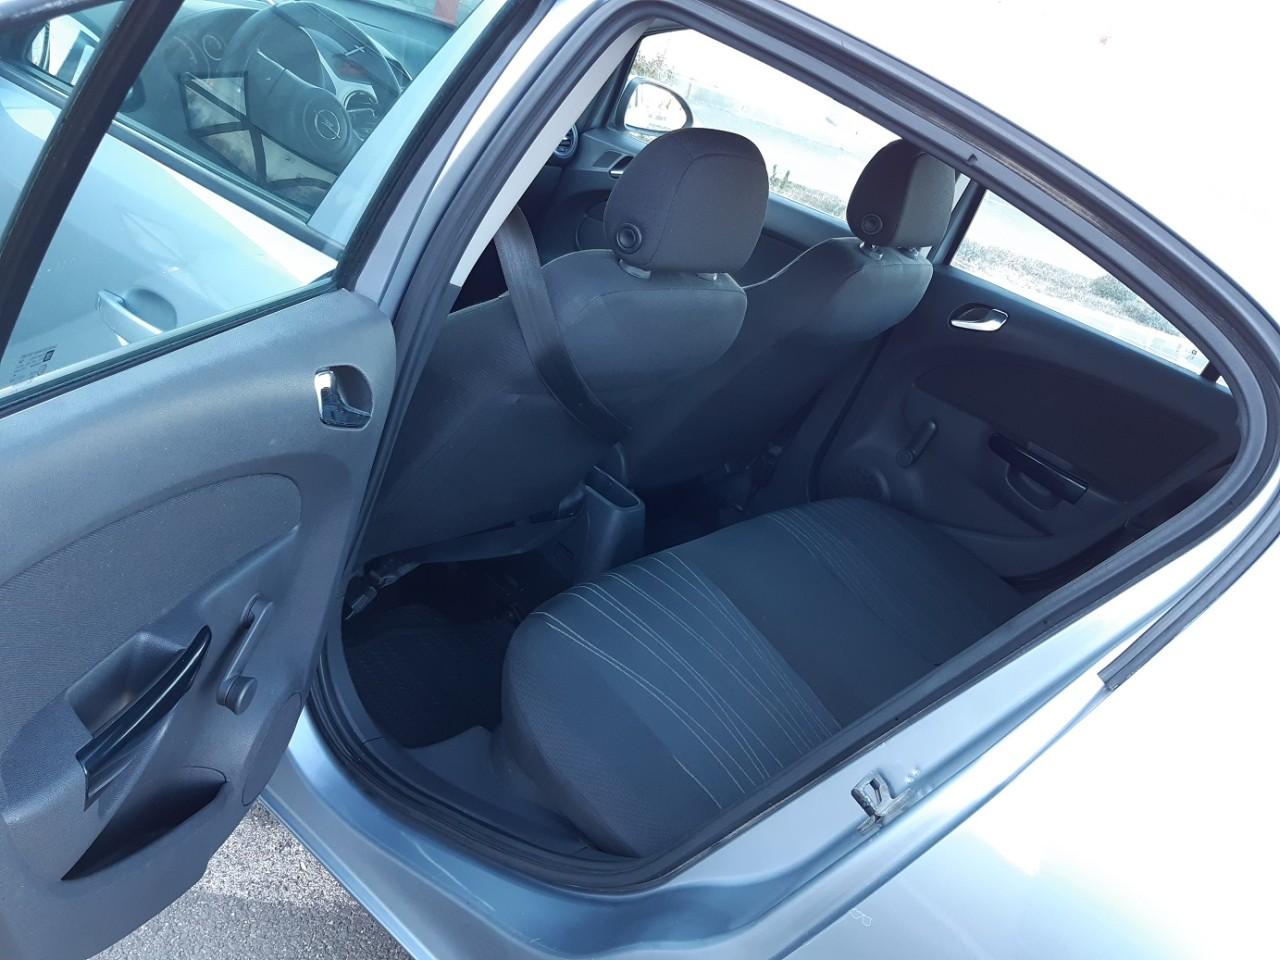 Opel Corsa 1.3 diesel 2008